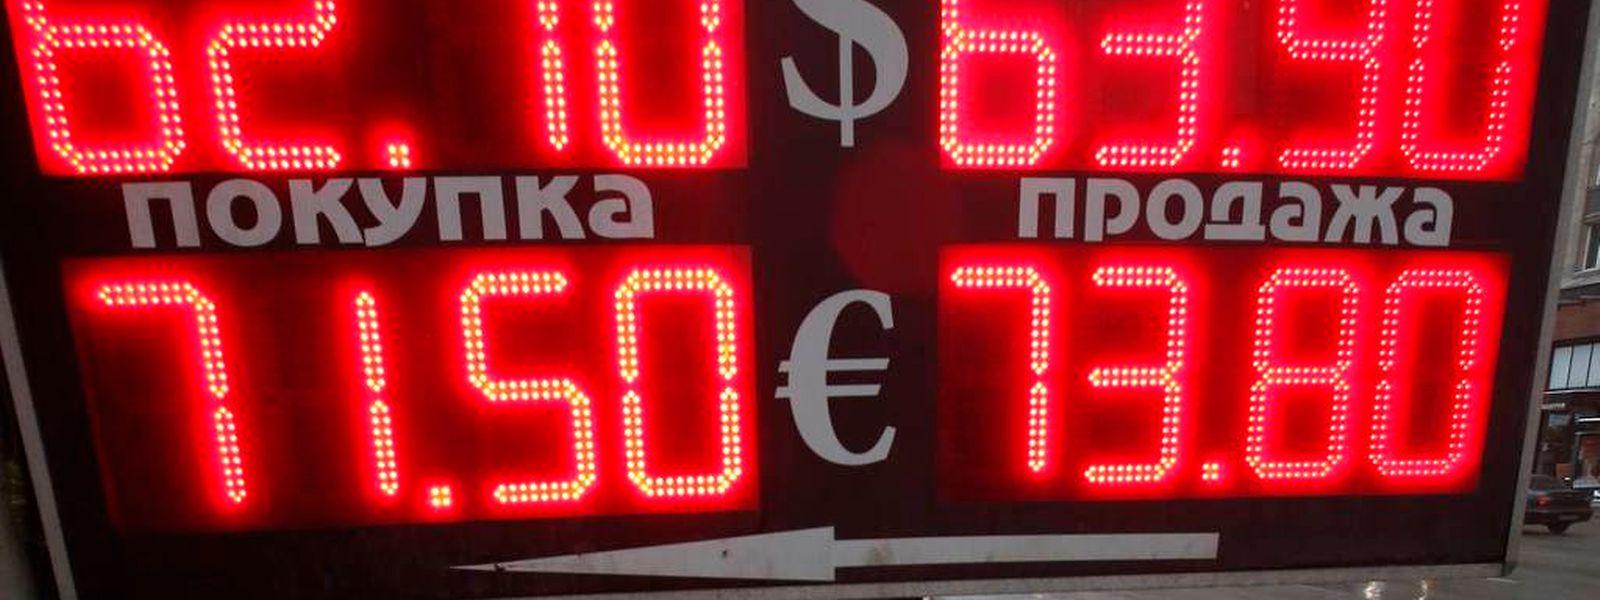 Die russische Wirtschaft schwächelt auch ohne die Sanktionen schon.